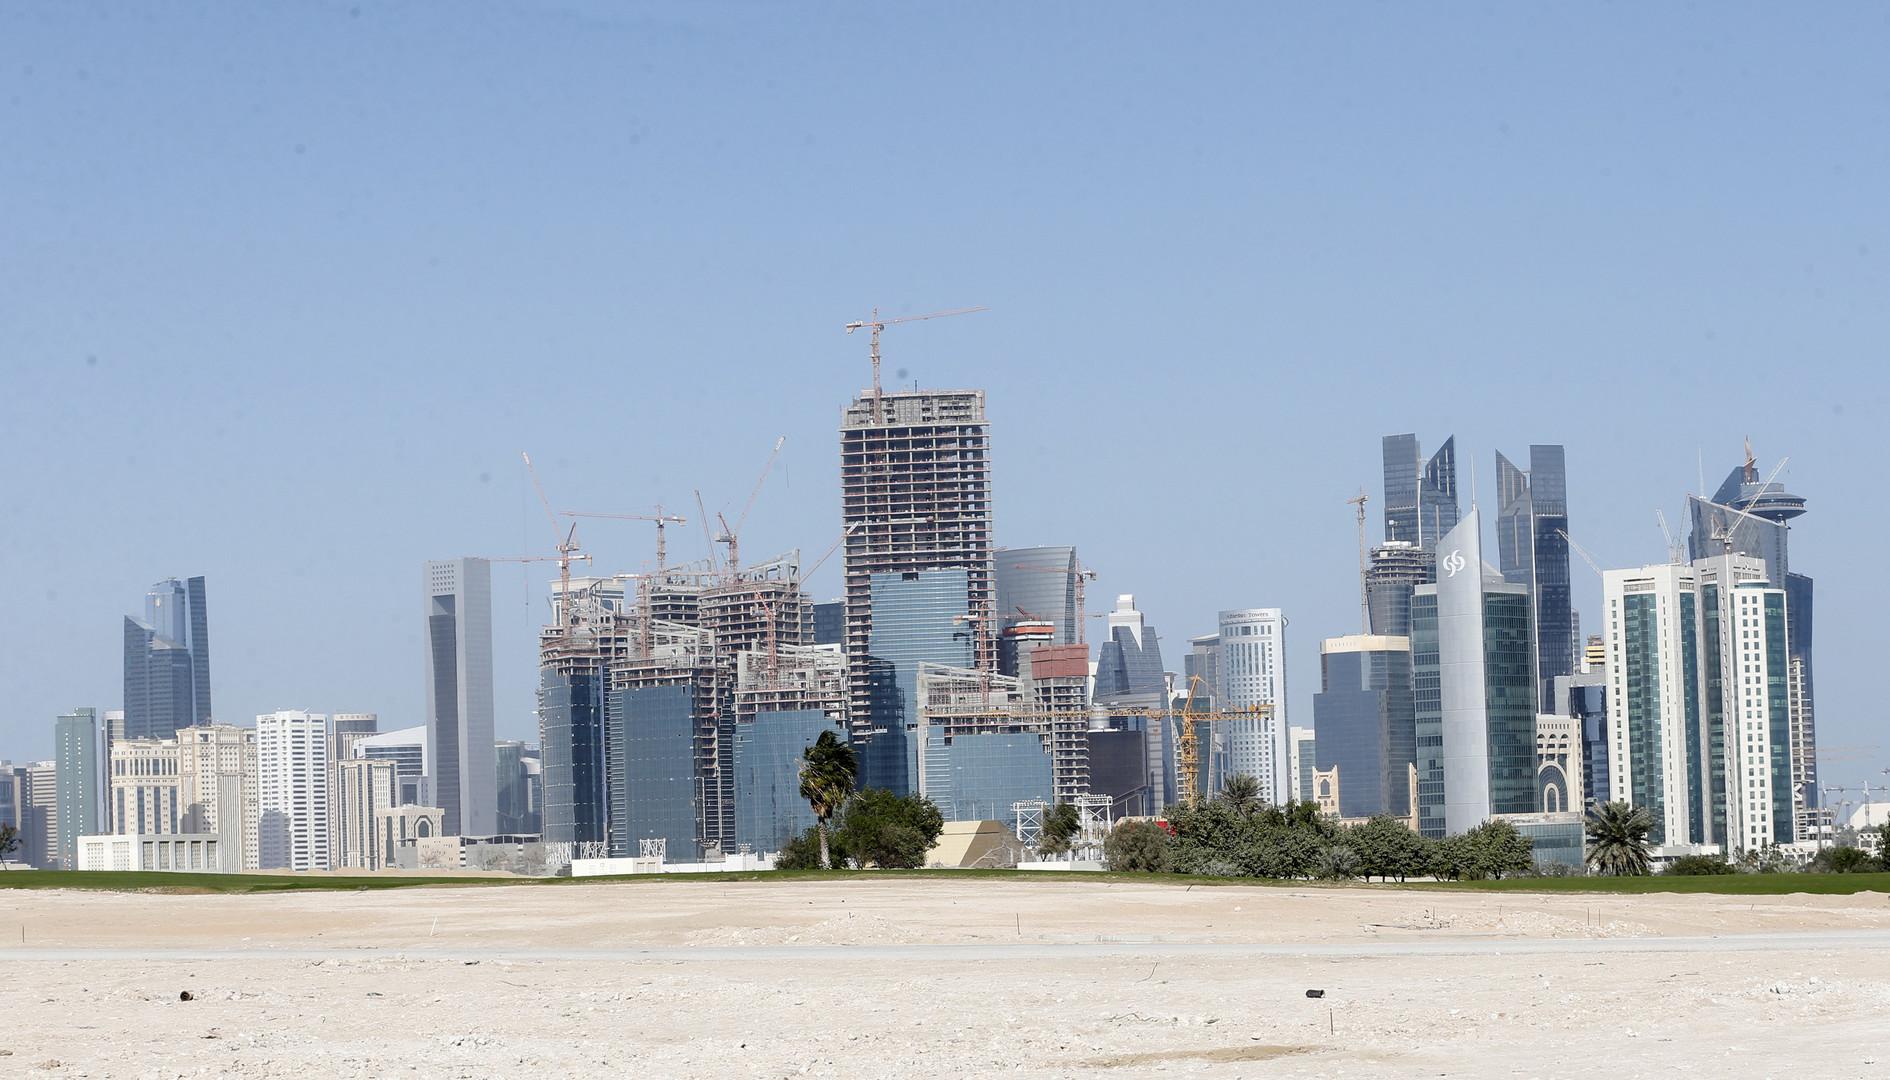 قطر تؤكد تزويدها الإمارات بشحنات من الغاز المسال رغم المقاطعة